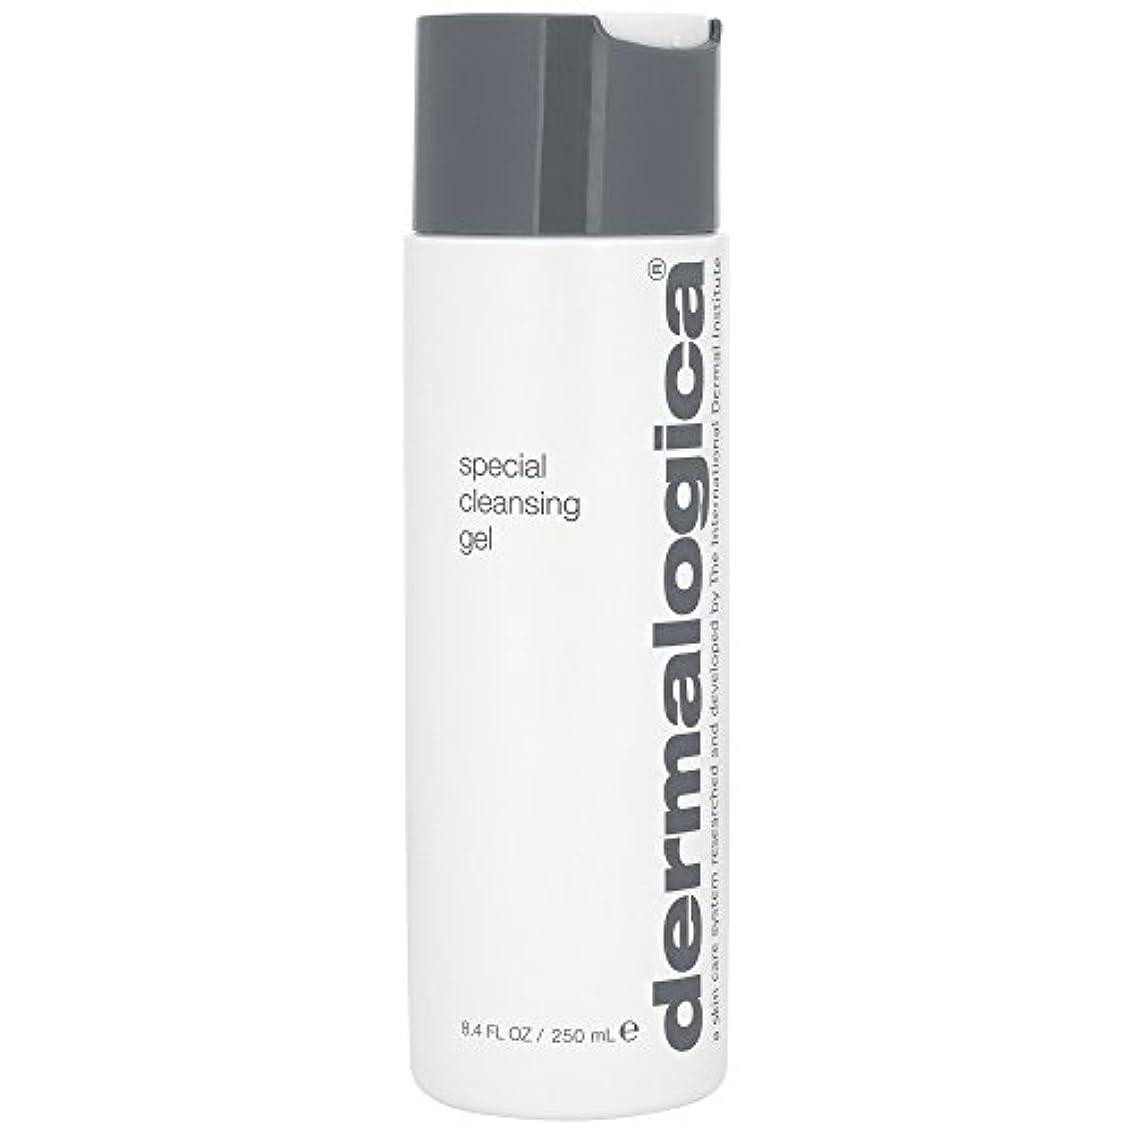 外交問題男膨らみダーマロジカ特別なクレンジングゲル250ミリリットル (Dermalogica) - Dermalogica Special Cleansing Gel 250ml [並行輸入品]